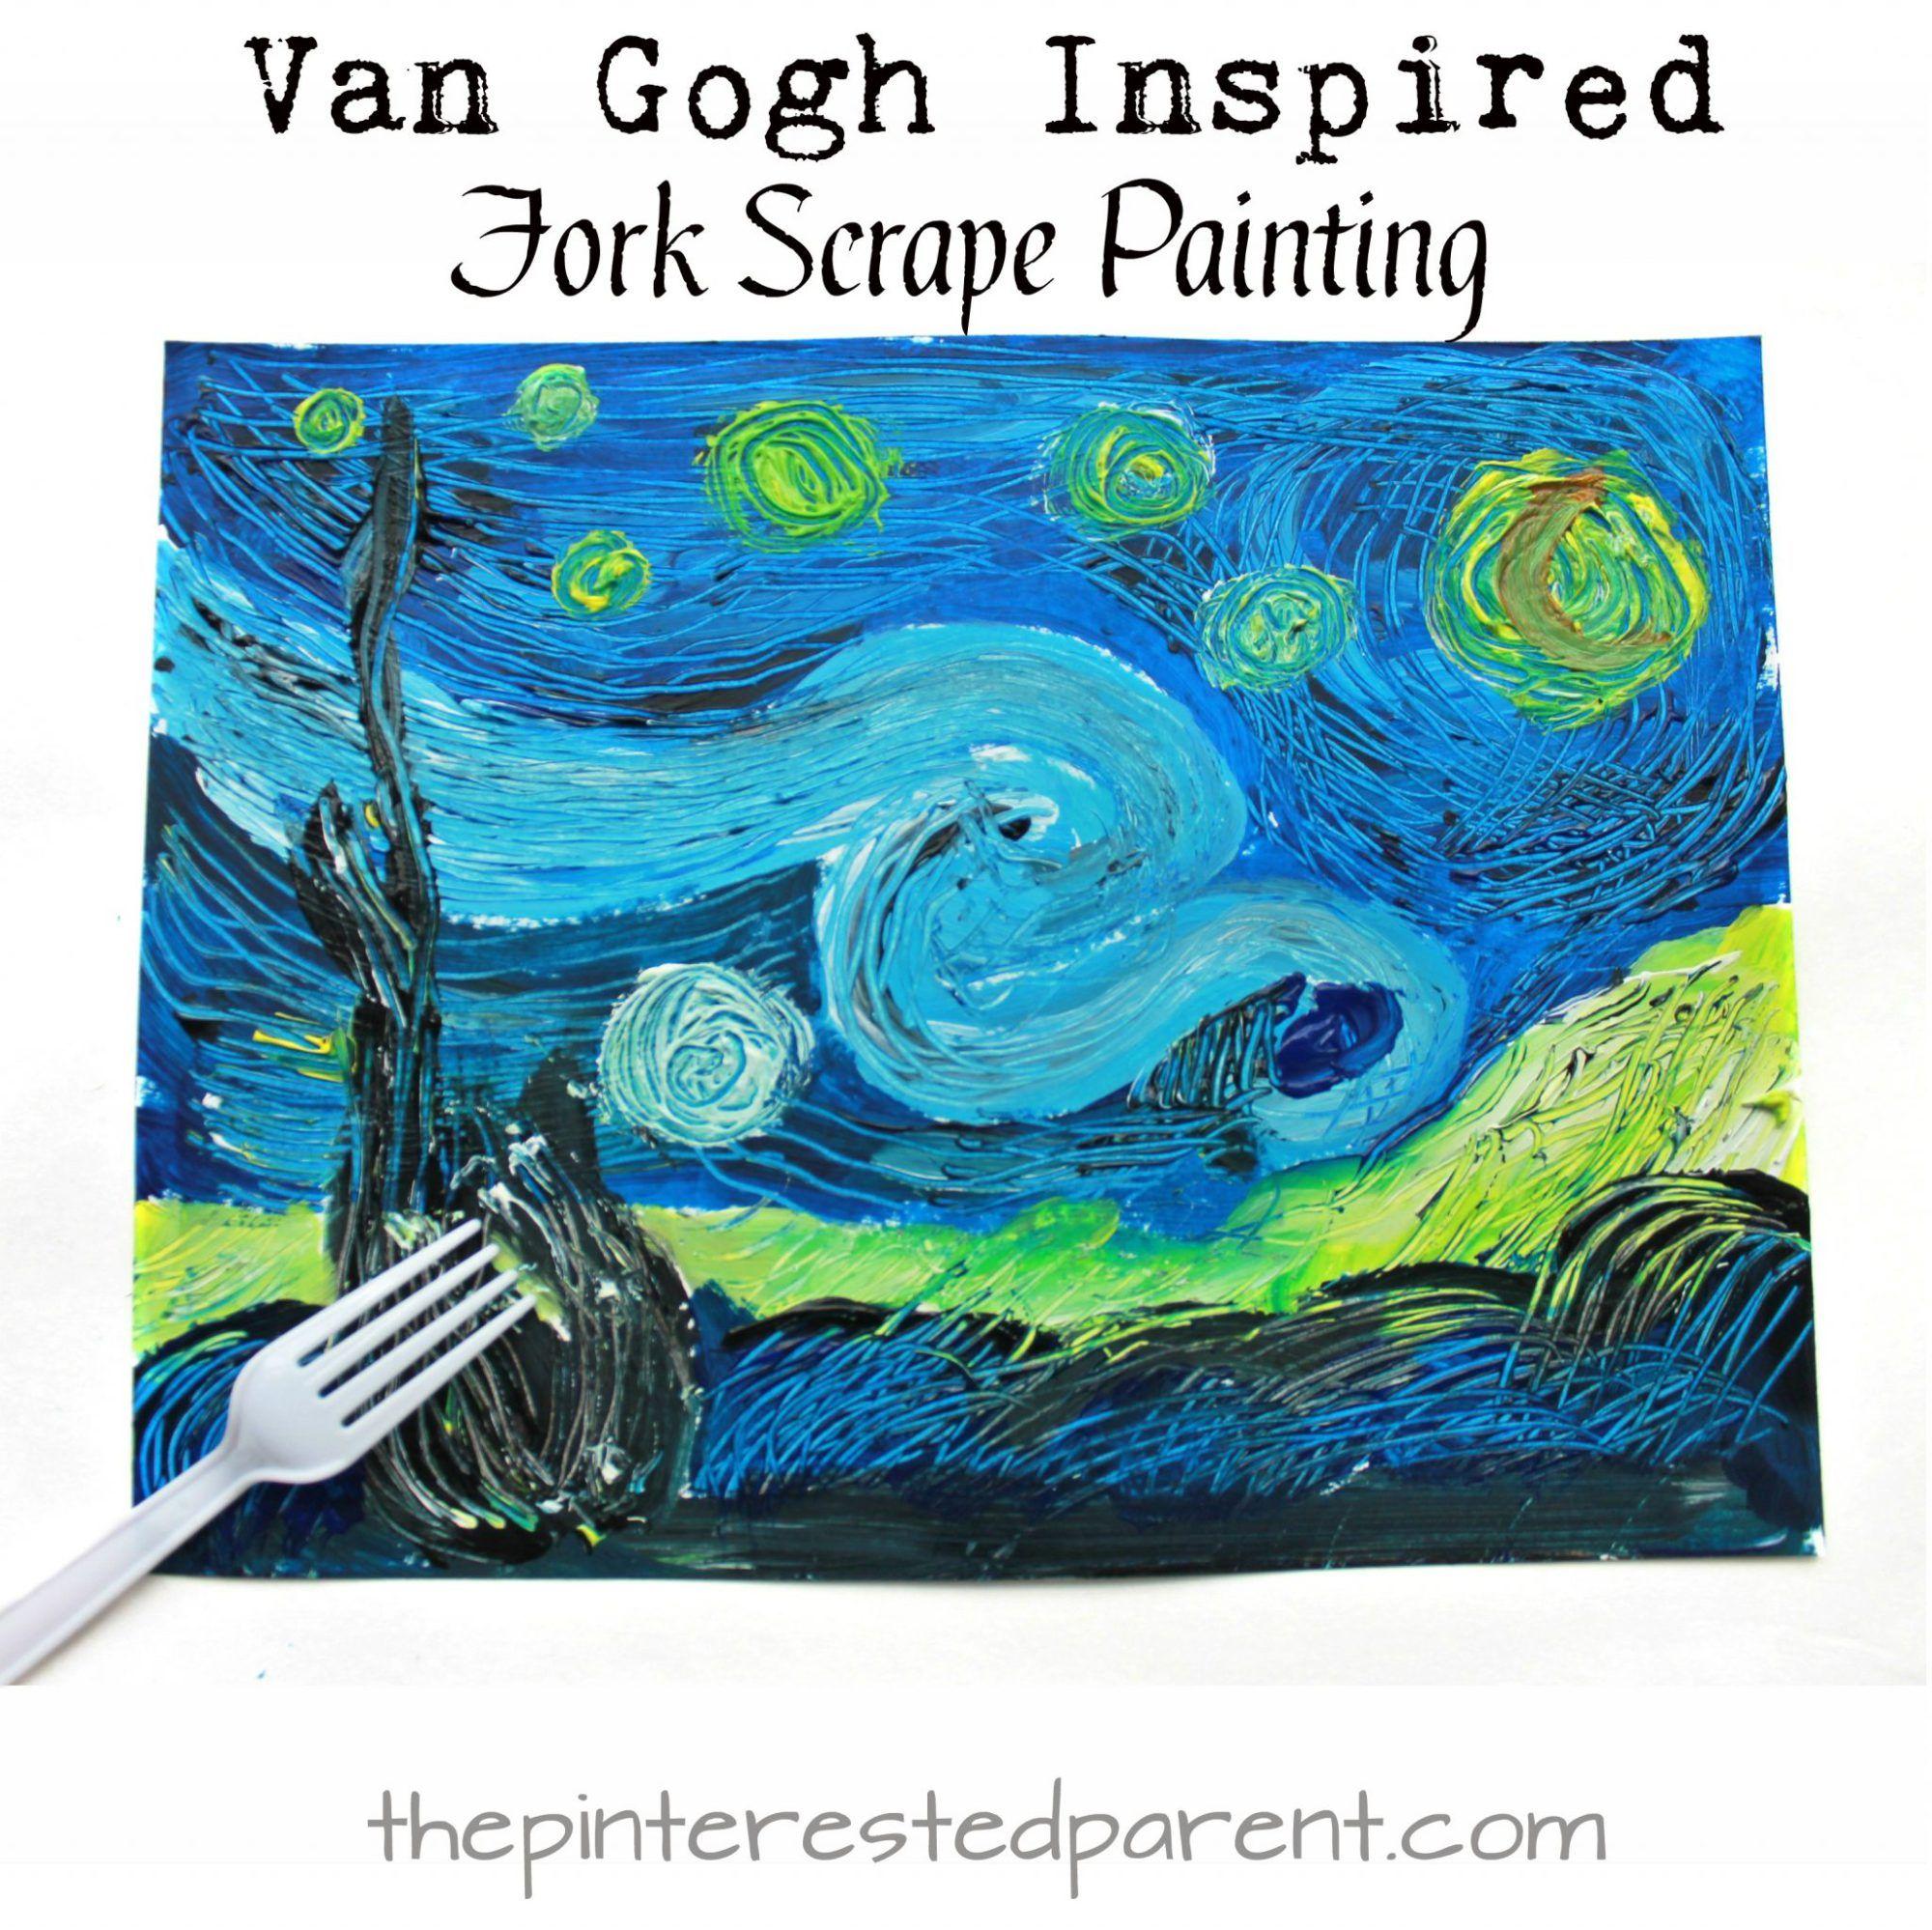 Van Gogh Inspired Fork Scrape Painting Van Gogh For Kids Scrape